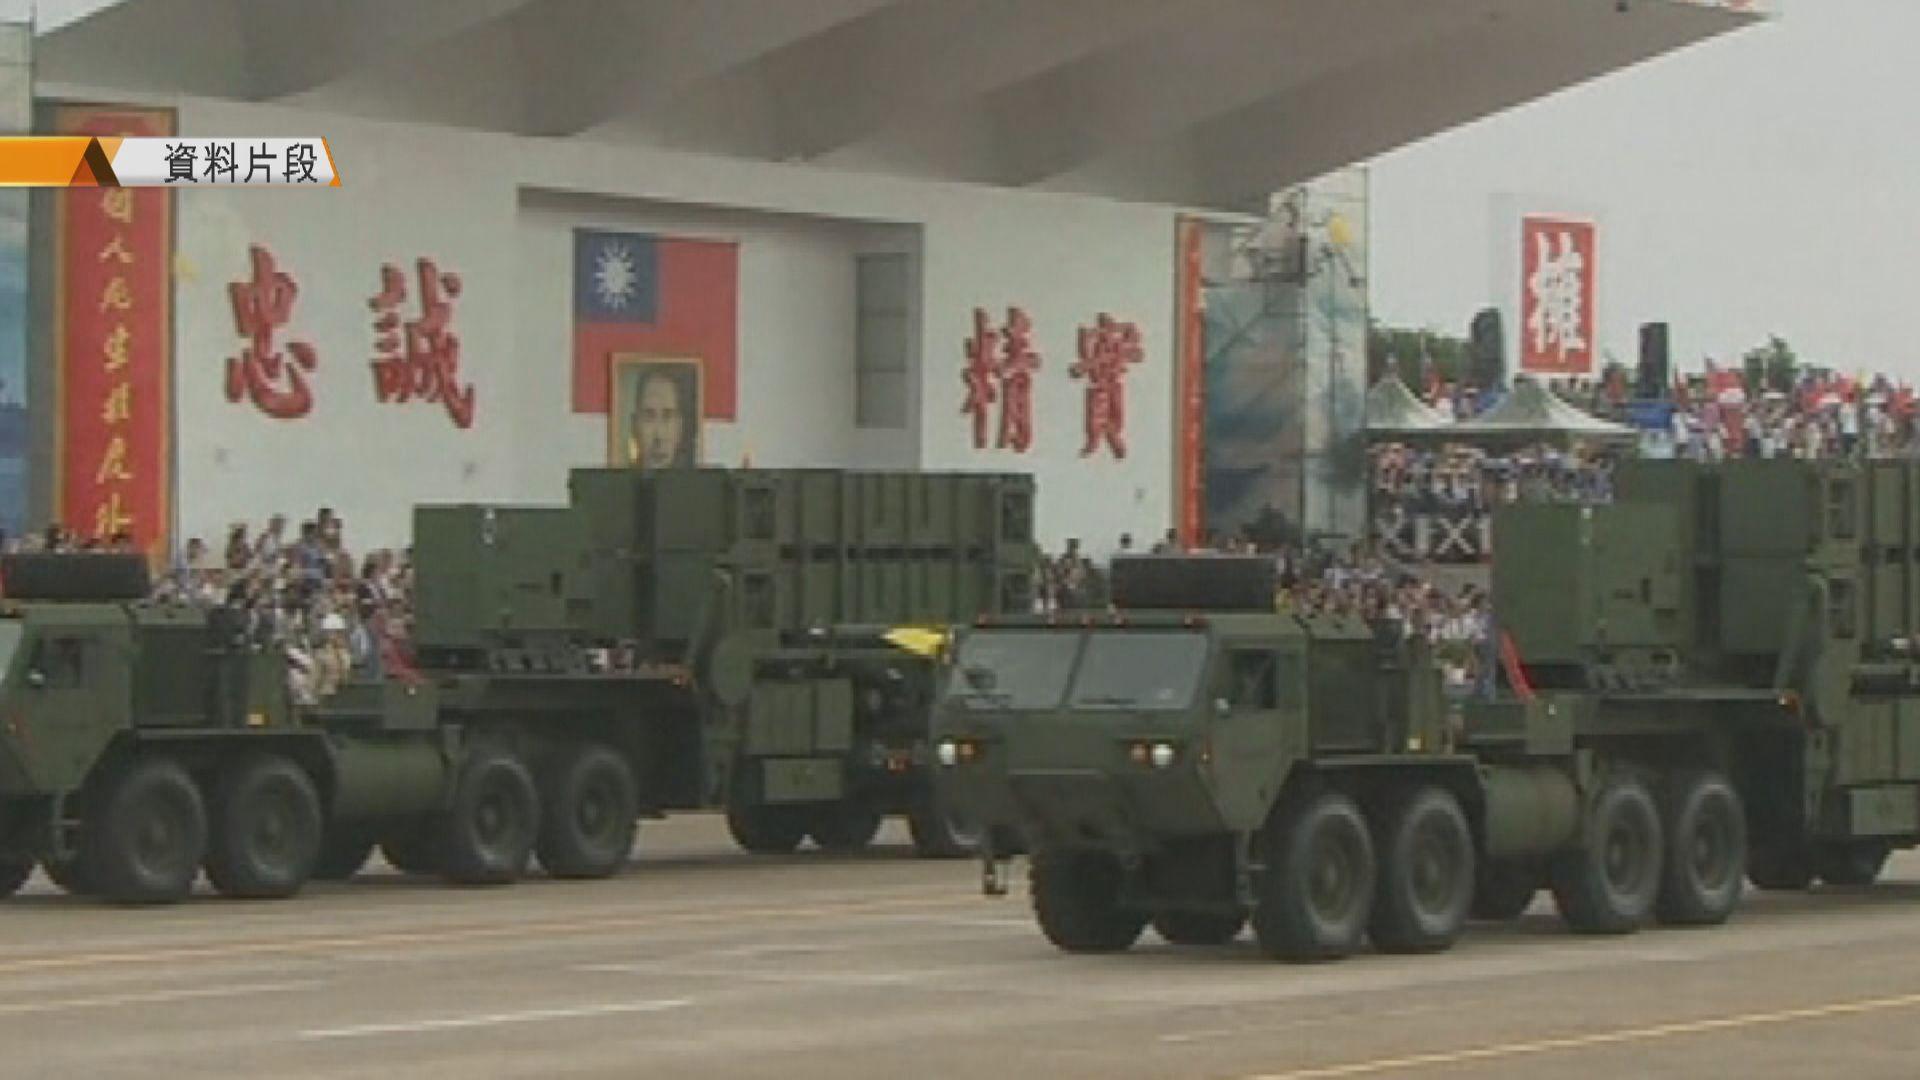 美對台軍售逾六億美元延長導彈使用期